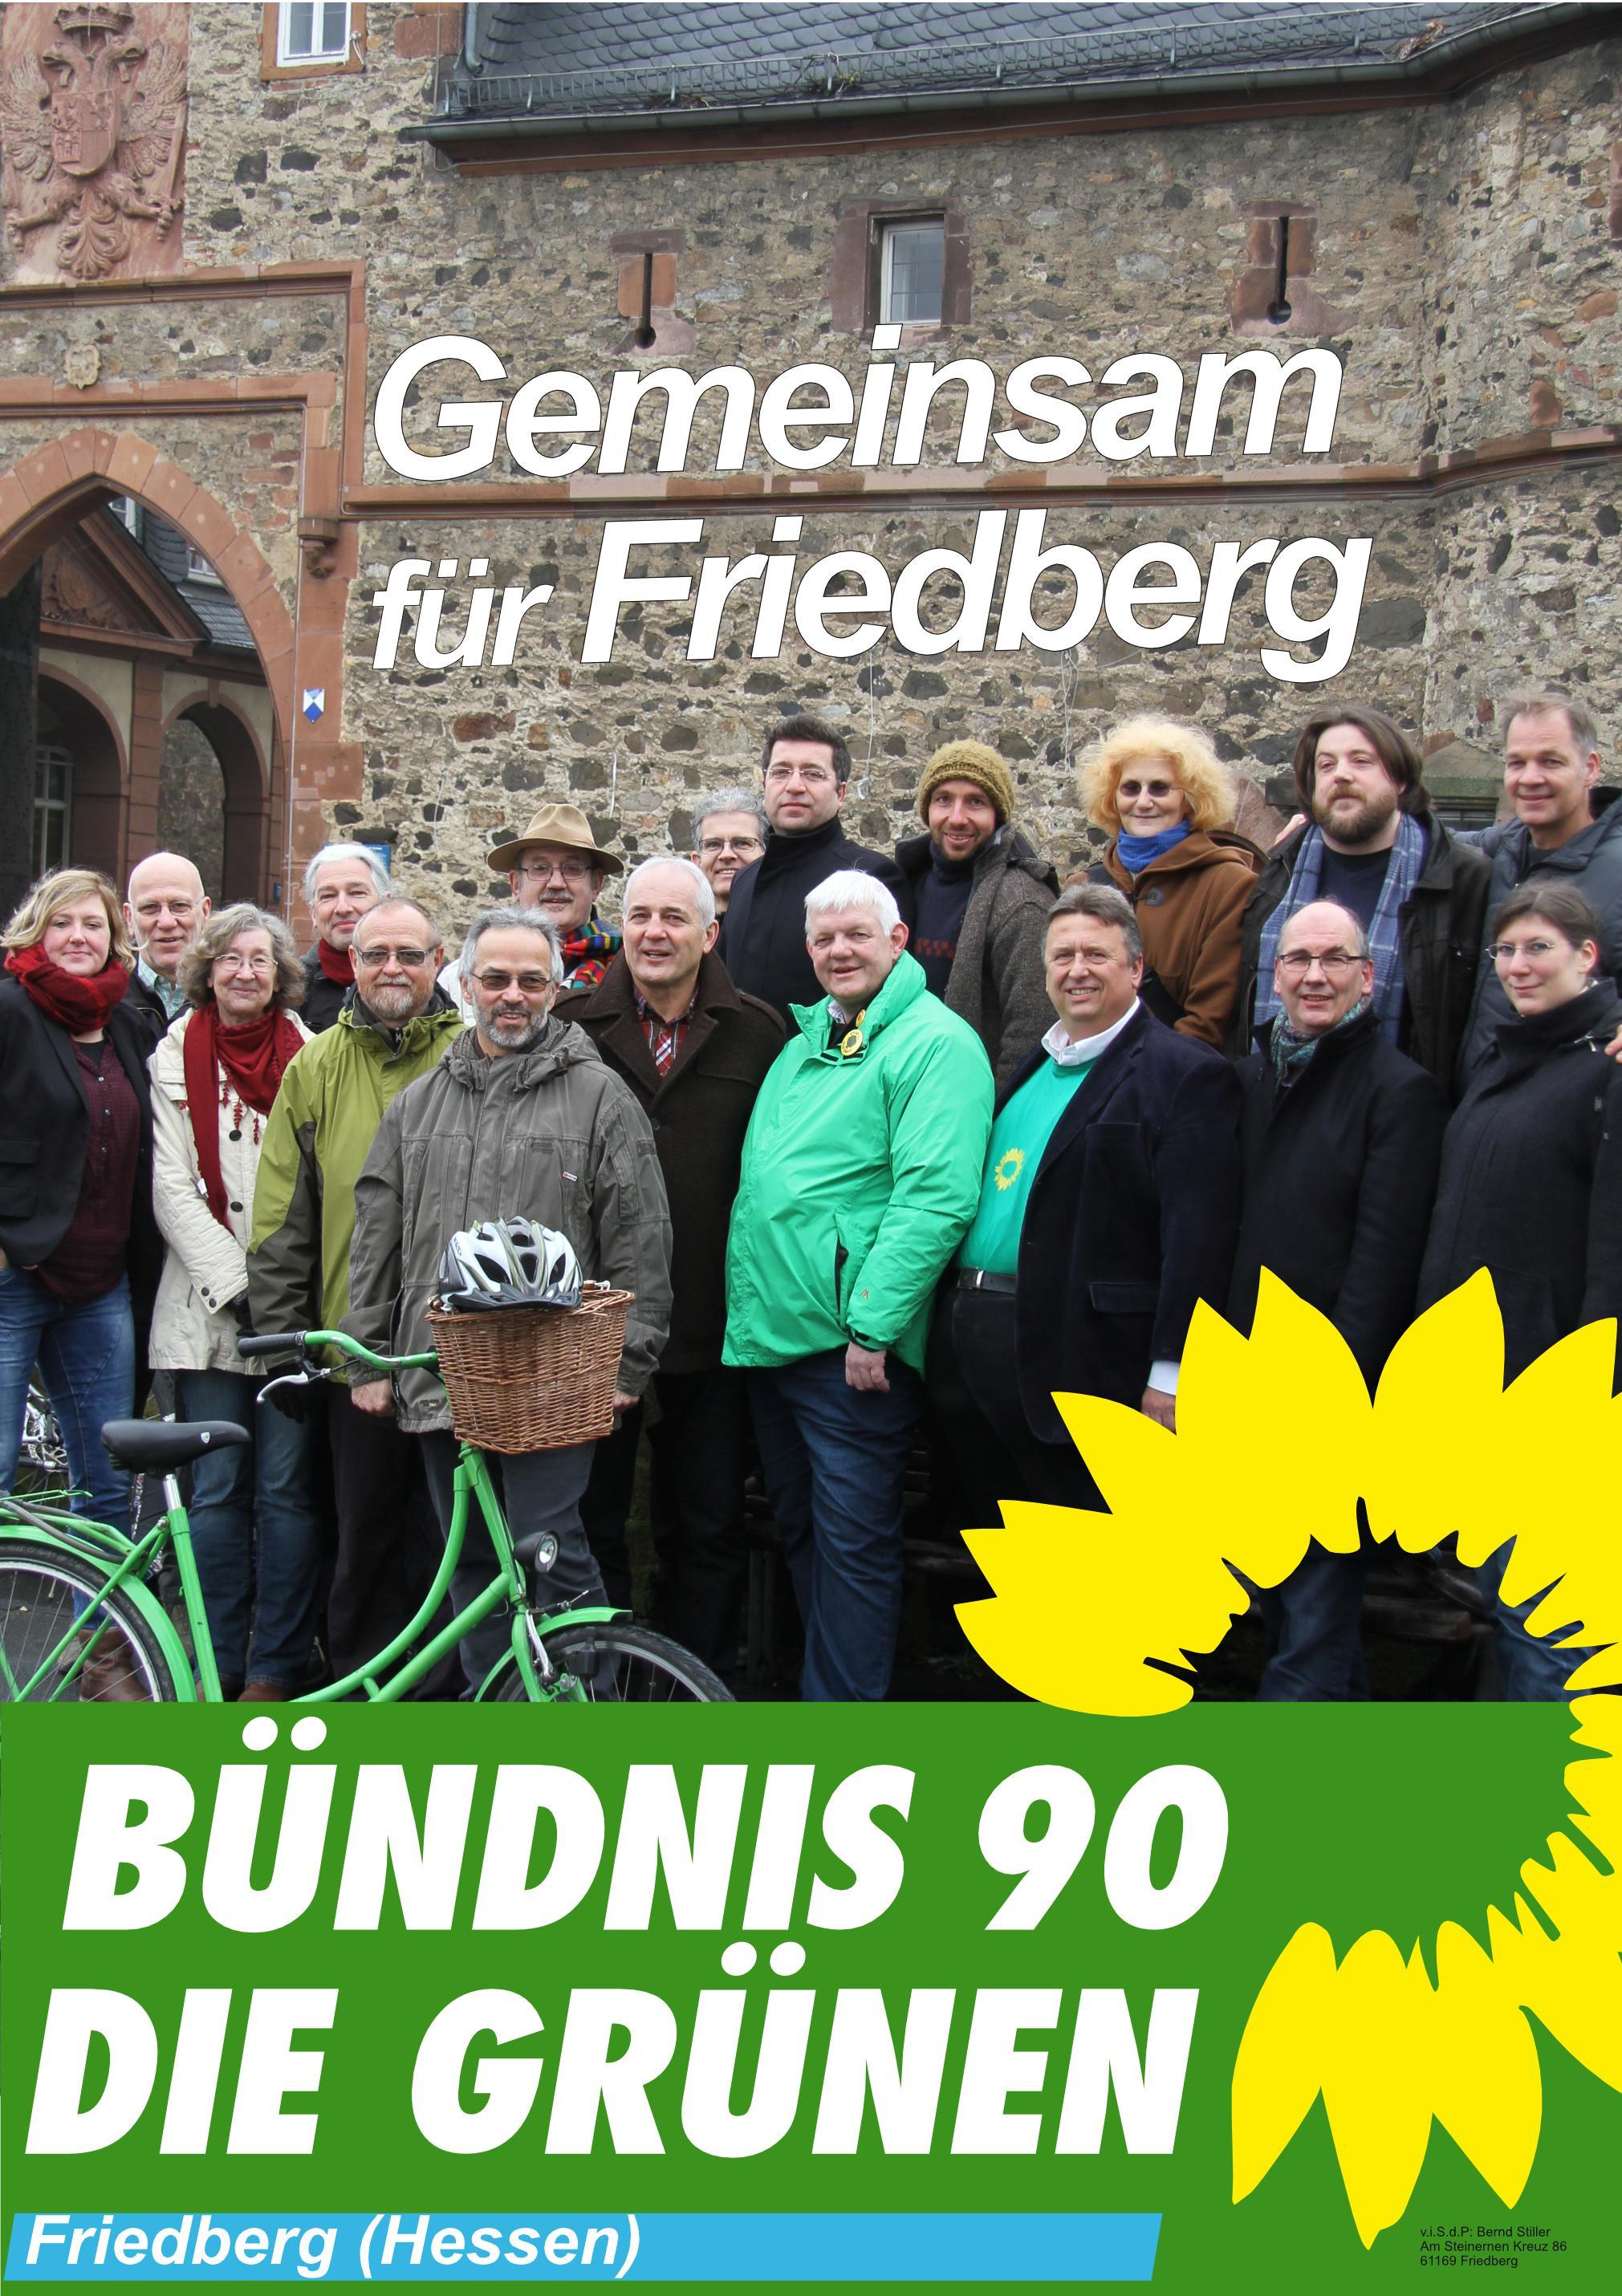 Grüne_Friedberg_Kommunalwahl_2016